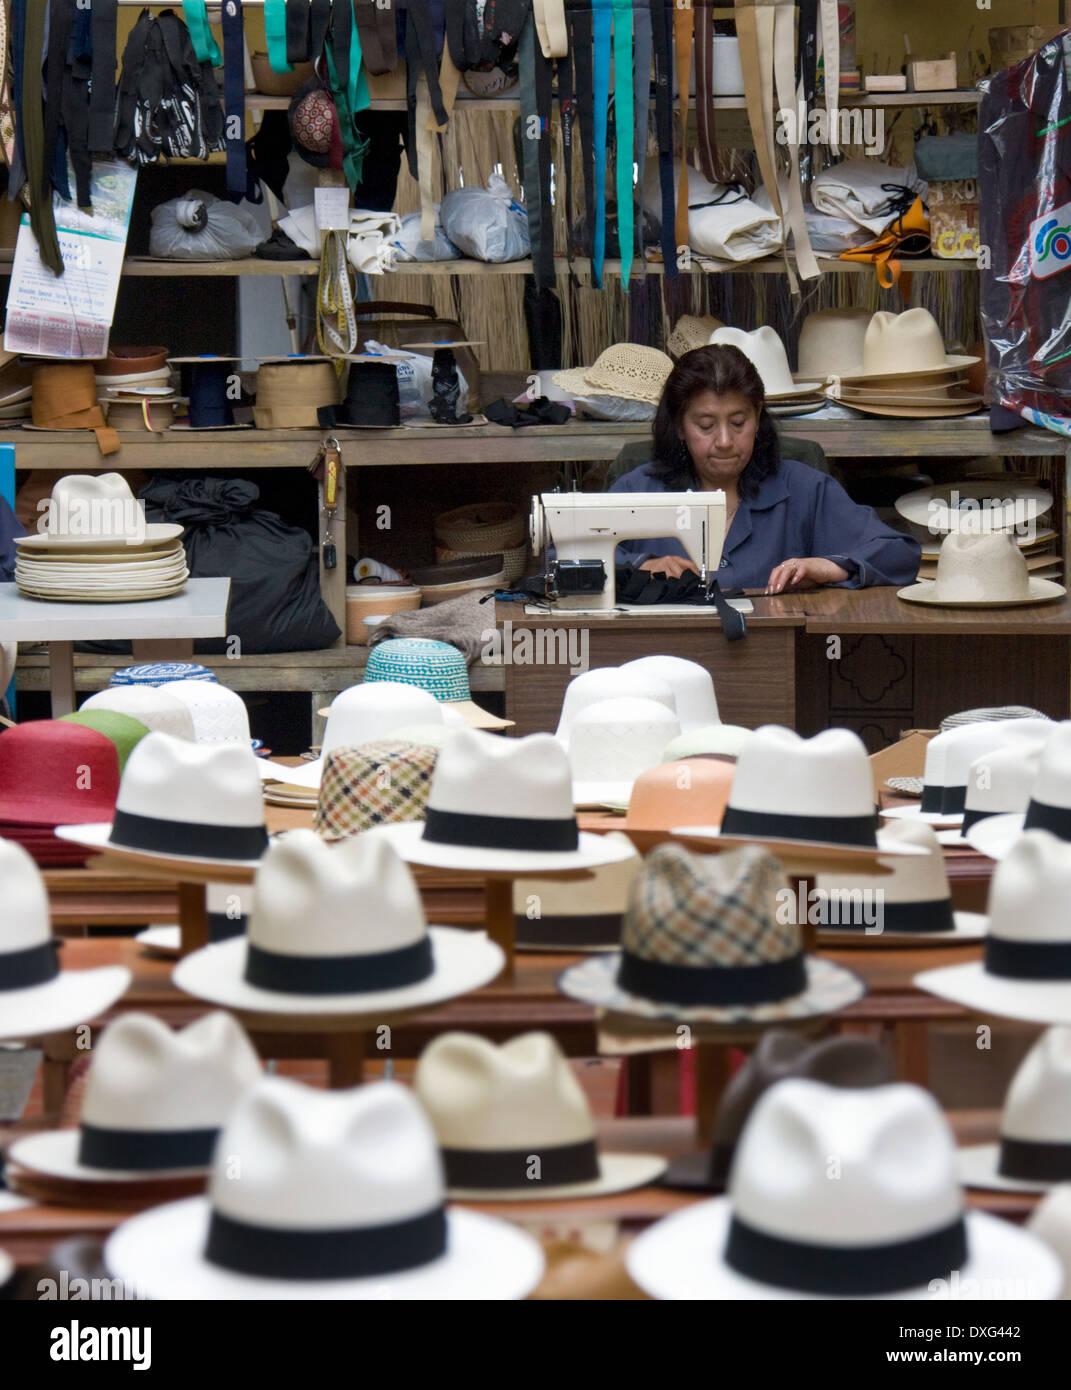 607b19c40347c Tienda de venta de sombreros de Panamá en Cuenca en el sur de Ecuador.  Imagen